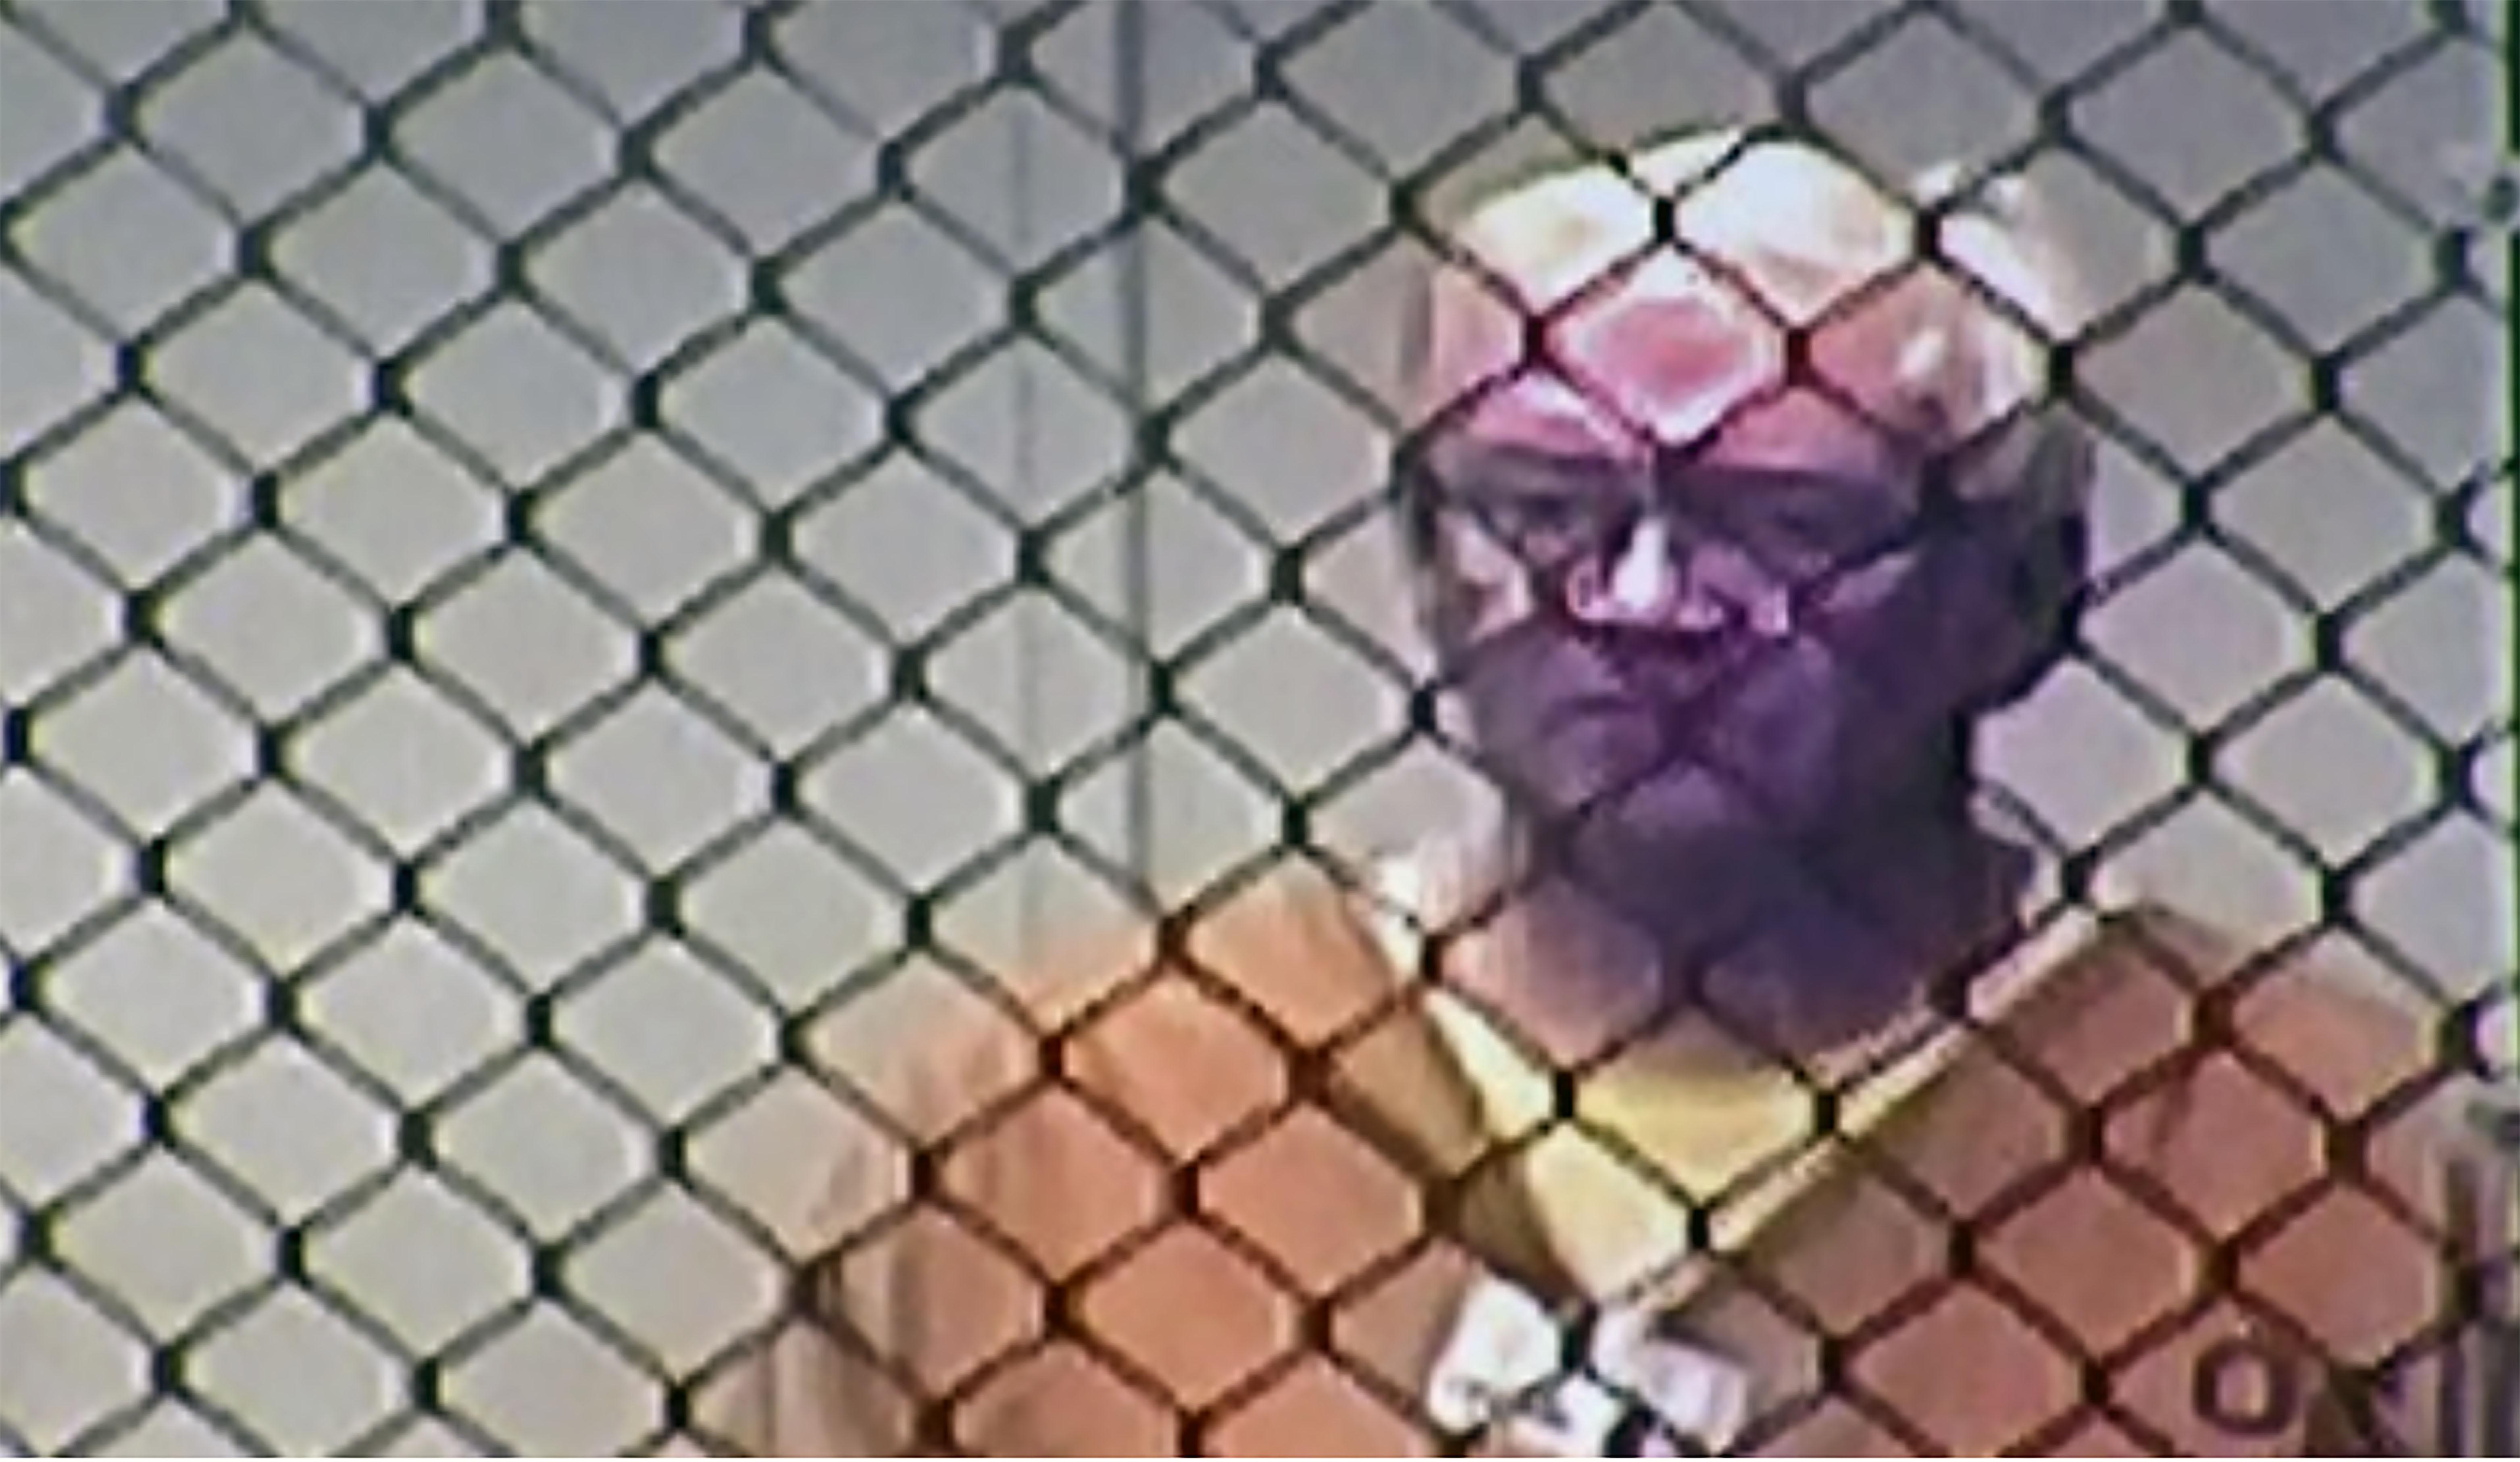 John Rodgers McFarland, 67, ex-pastor Fullerton IMU, foi preso em 9 de maio de 2019 e acusado de crimes por abuso sexual de sete meninas com idades entre 5 e 15 anos. Foto: captura de tela cortesia da NBC Palm Spring.